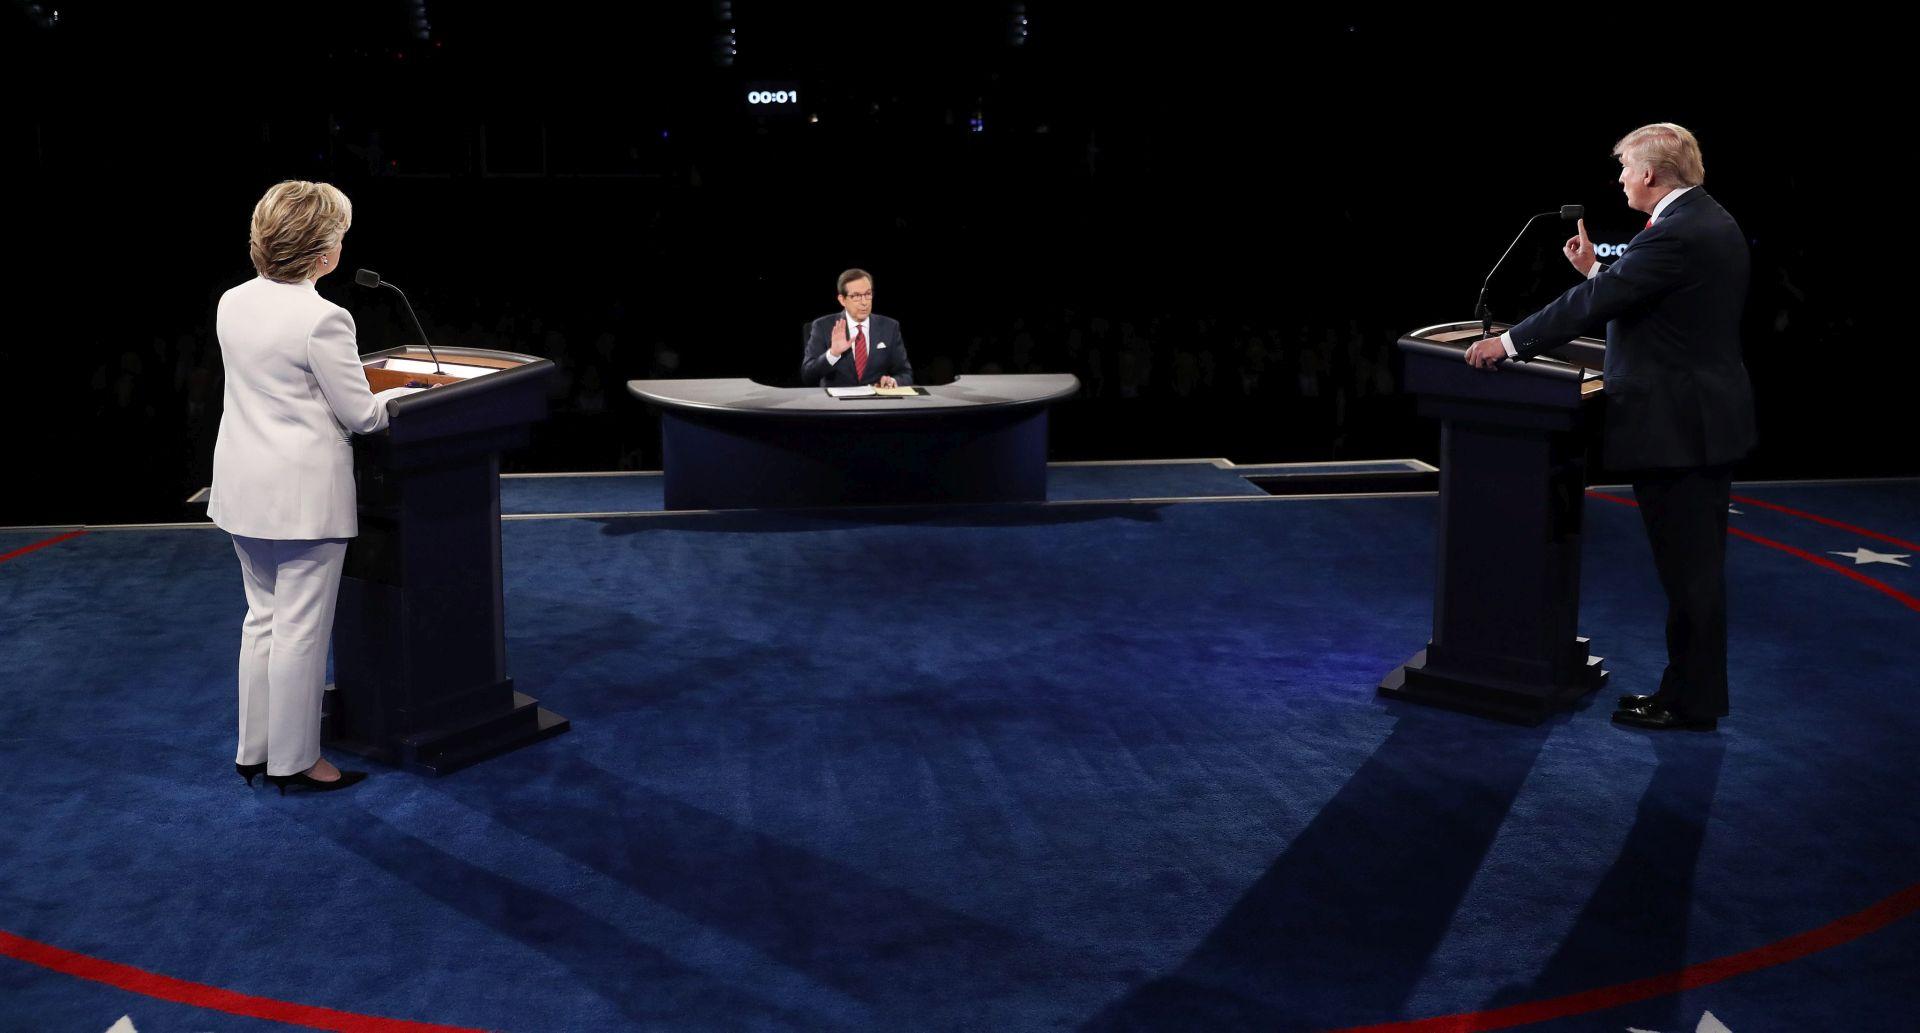 OŠTRE REAKCIJE: Na posljednjoj debati Trump nije želio reći da će priznati rezultate izbora